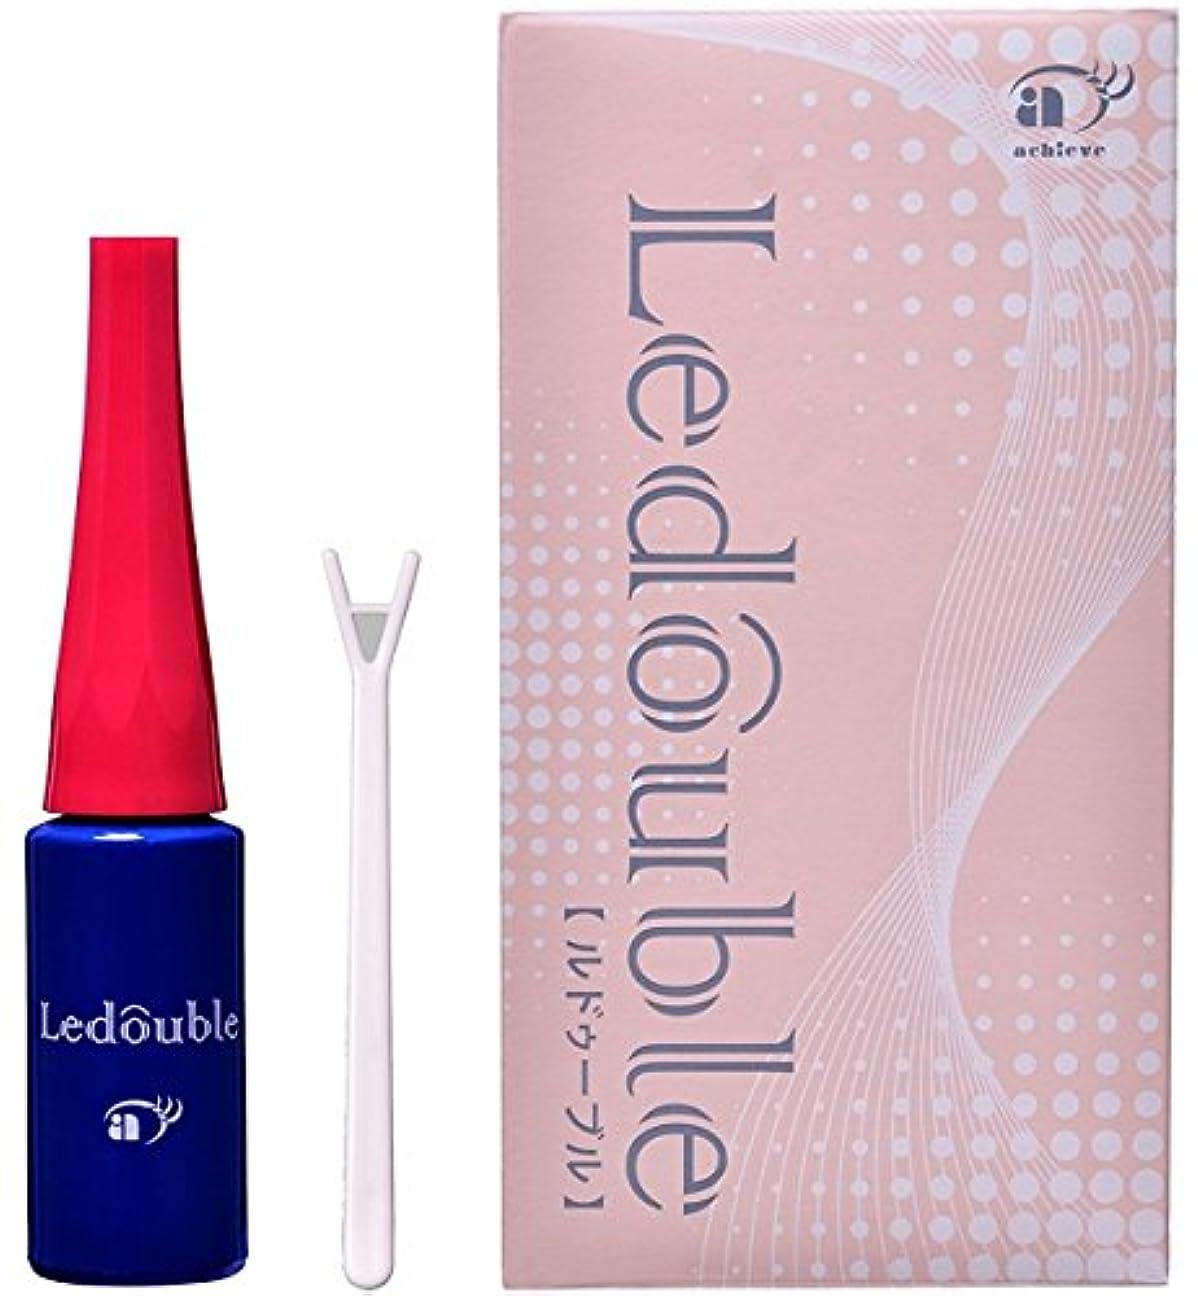 ルドゥーブル 8mL 二重まぶた 化粧品 お得な8mL